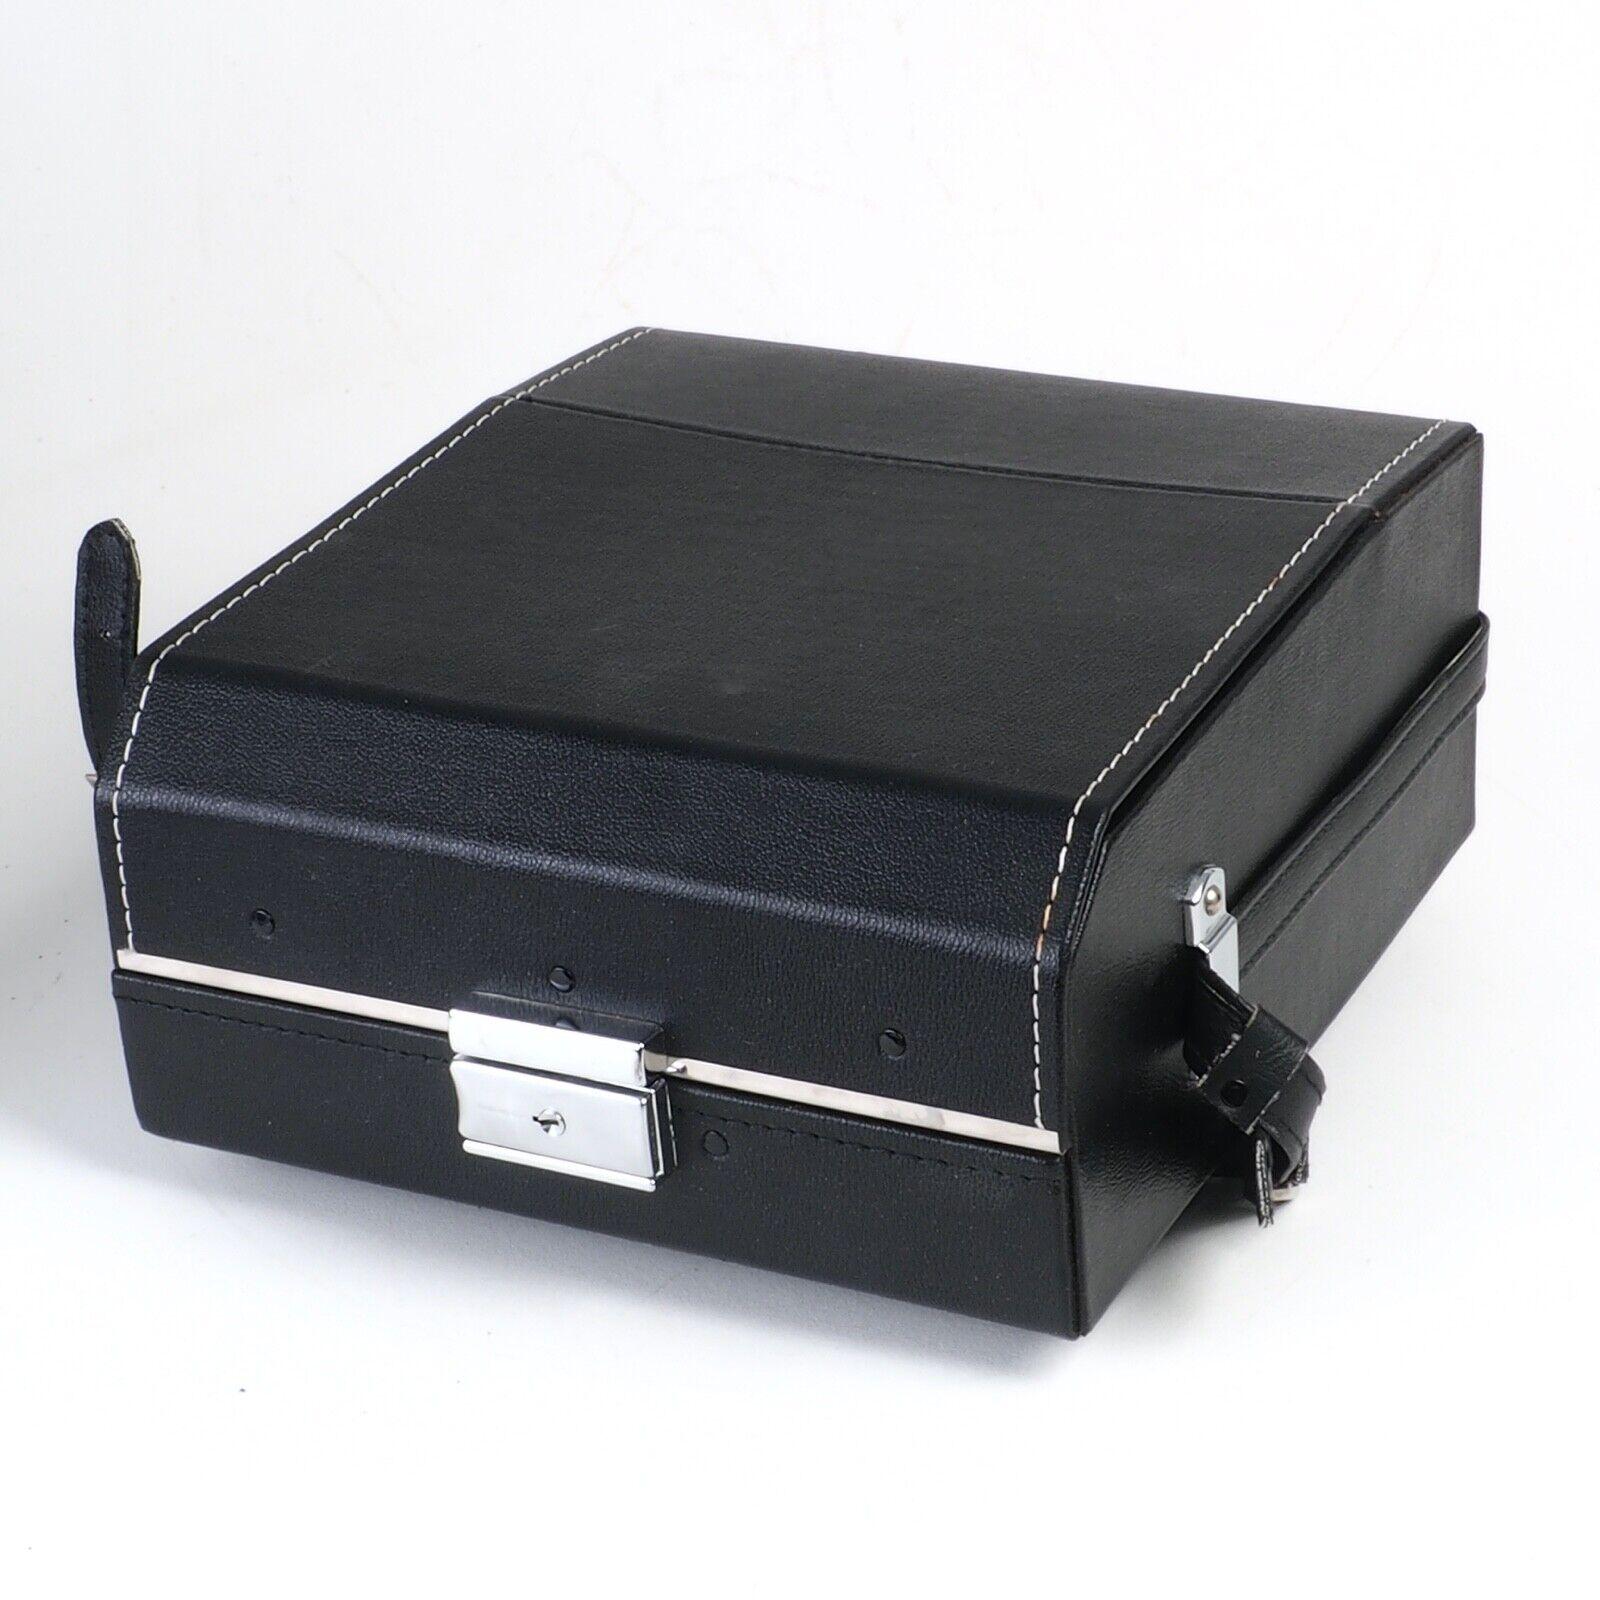 ^ Kalimar Kali Black Leather Camera Case - for 35mm SLR Cameras! w/ Strap!